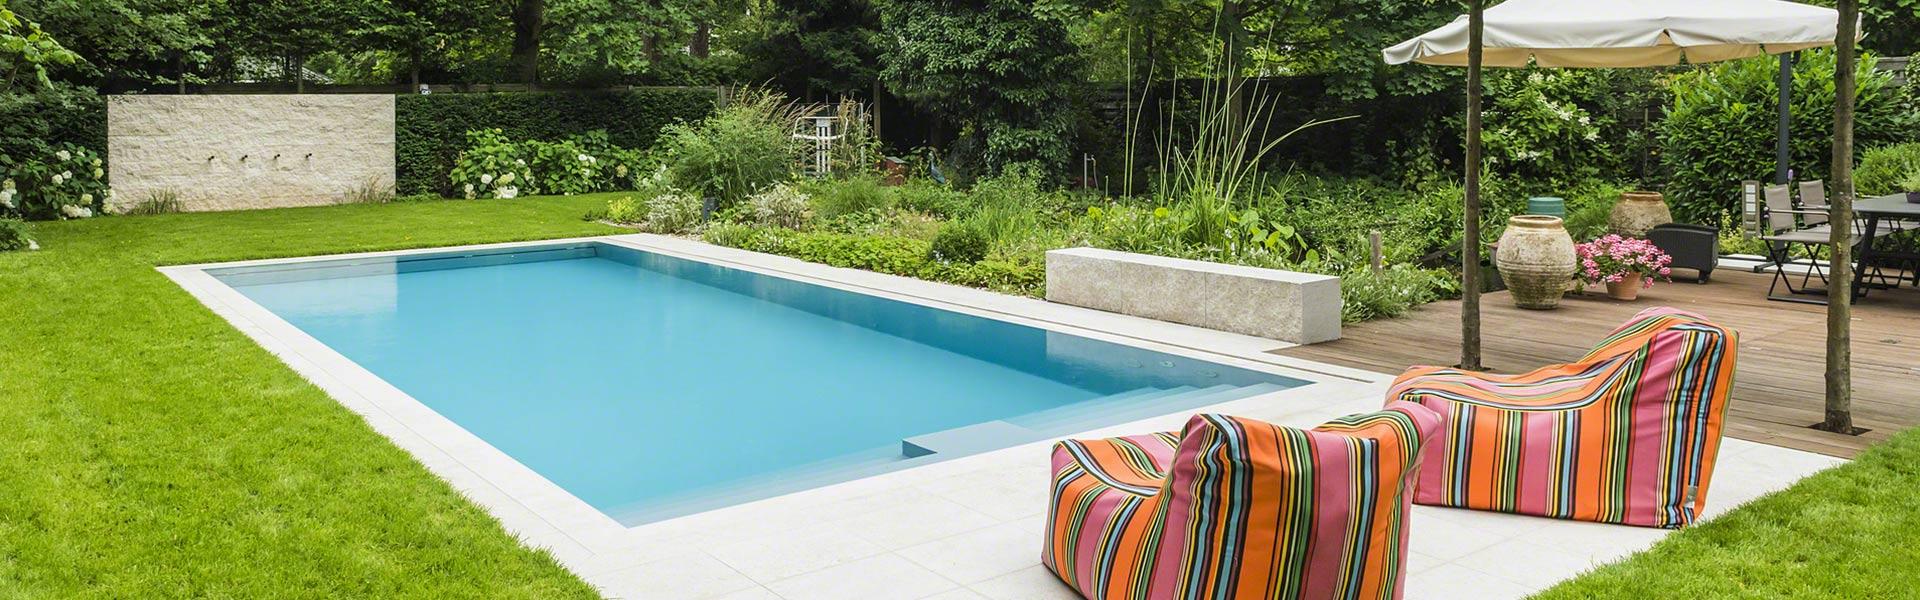 Pool im Garten mit Sitzkissen daneben